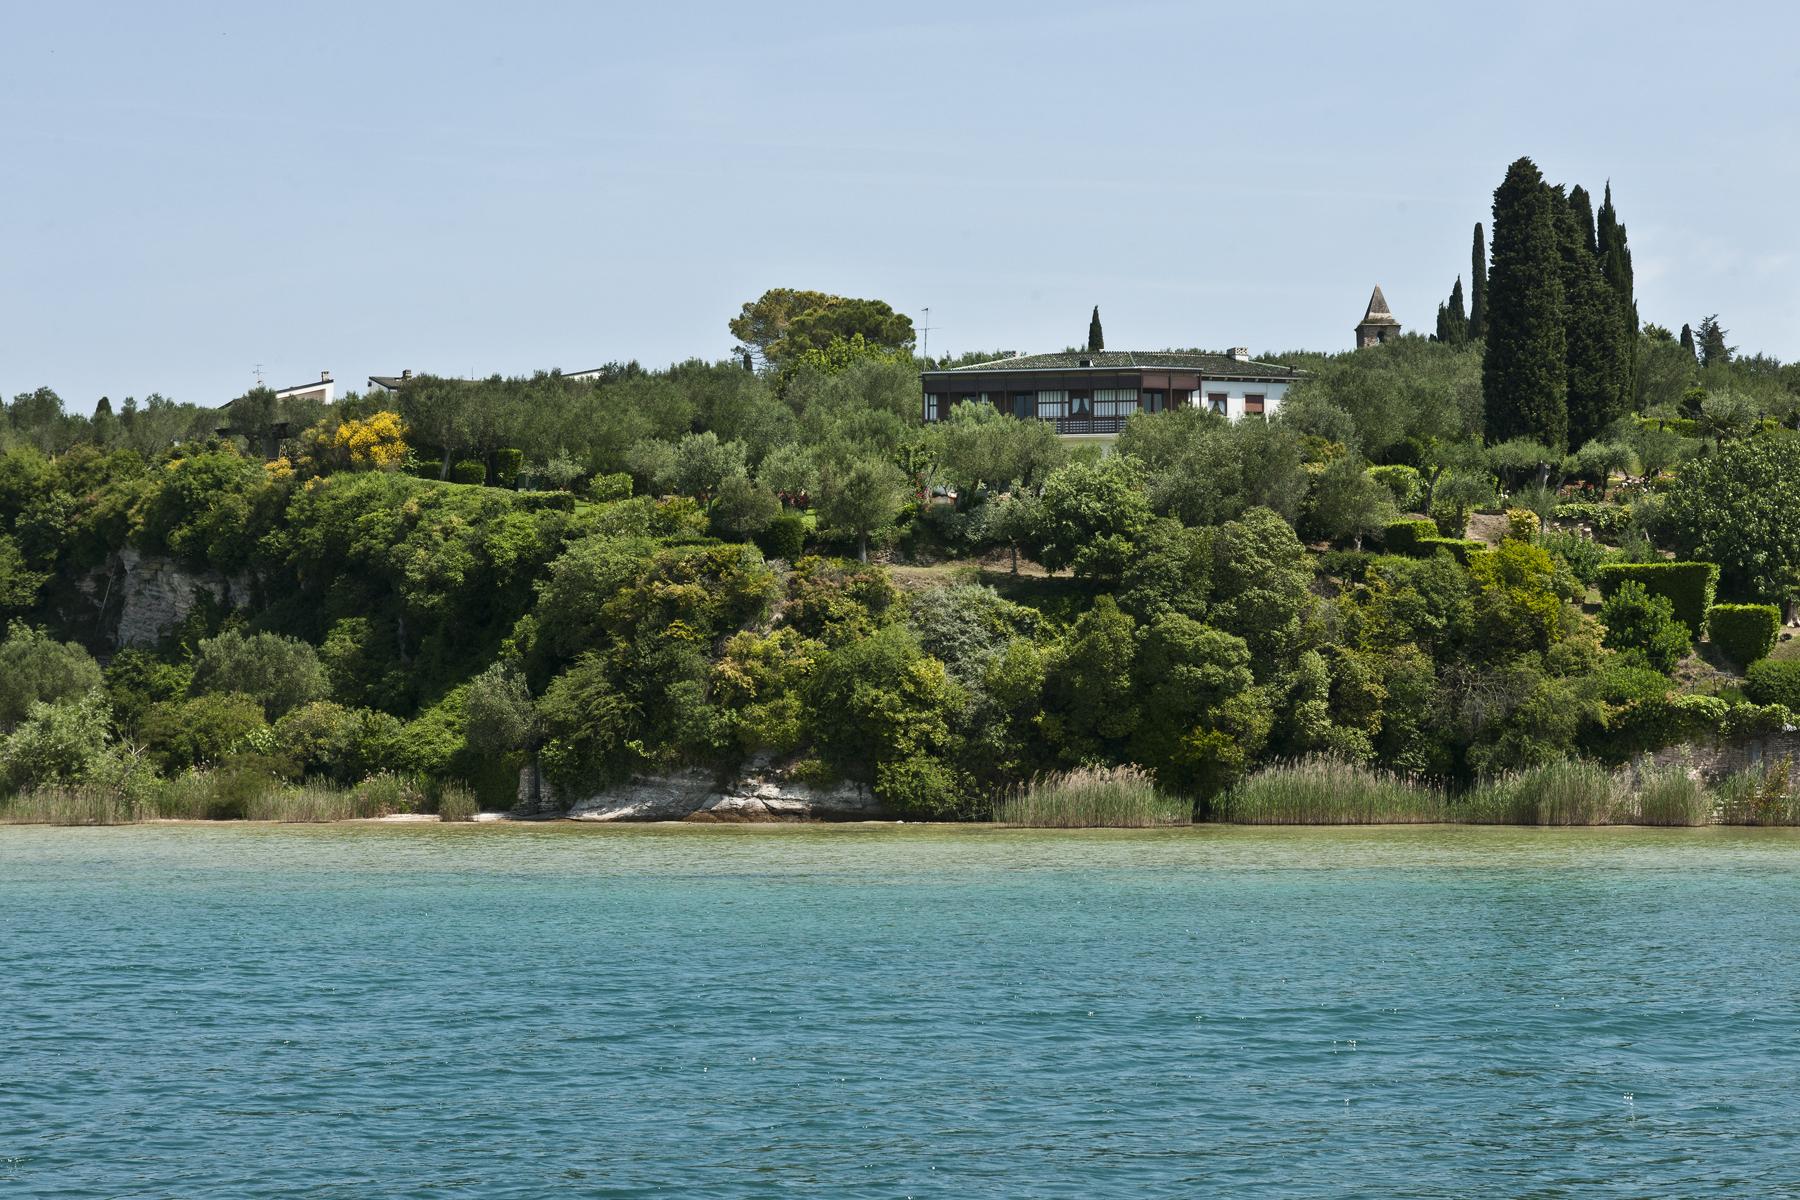 Single Family Home for Sale at Exclusive Villa pieds dans l'eau Via San Pietro in Mavino Sirmione, Brescia 25019 Italy